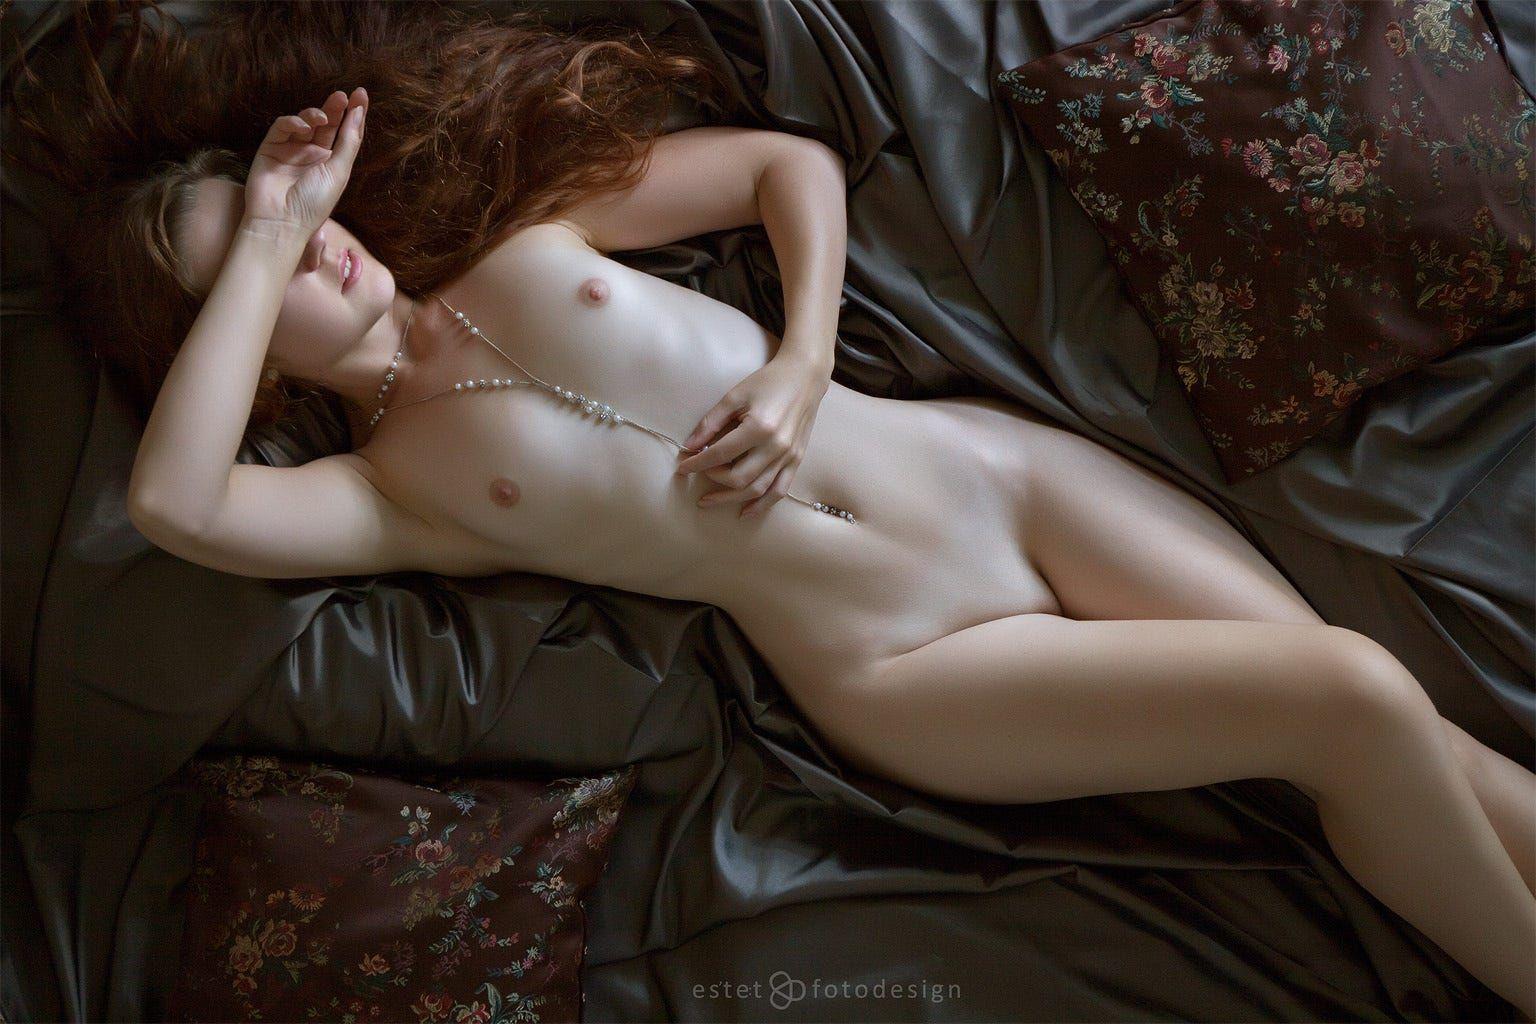 Sleeping Teen Beauty 54